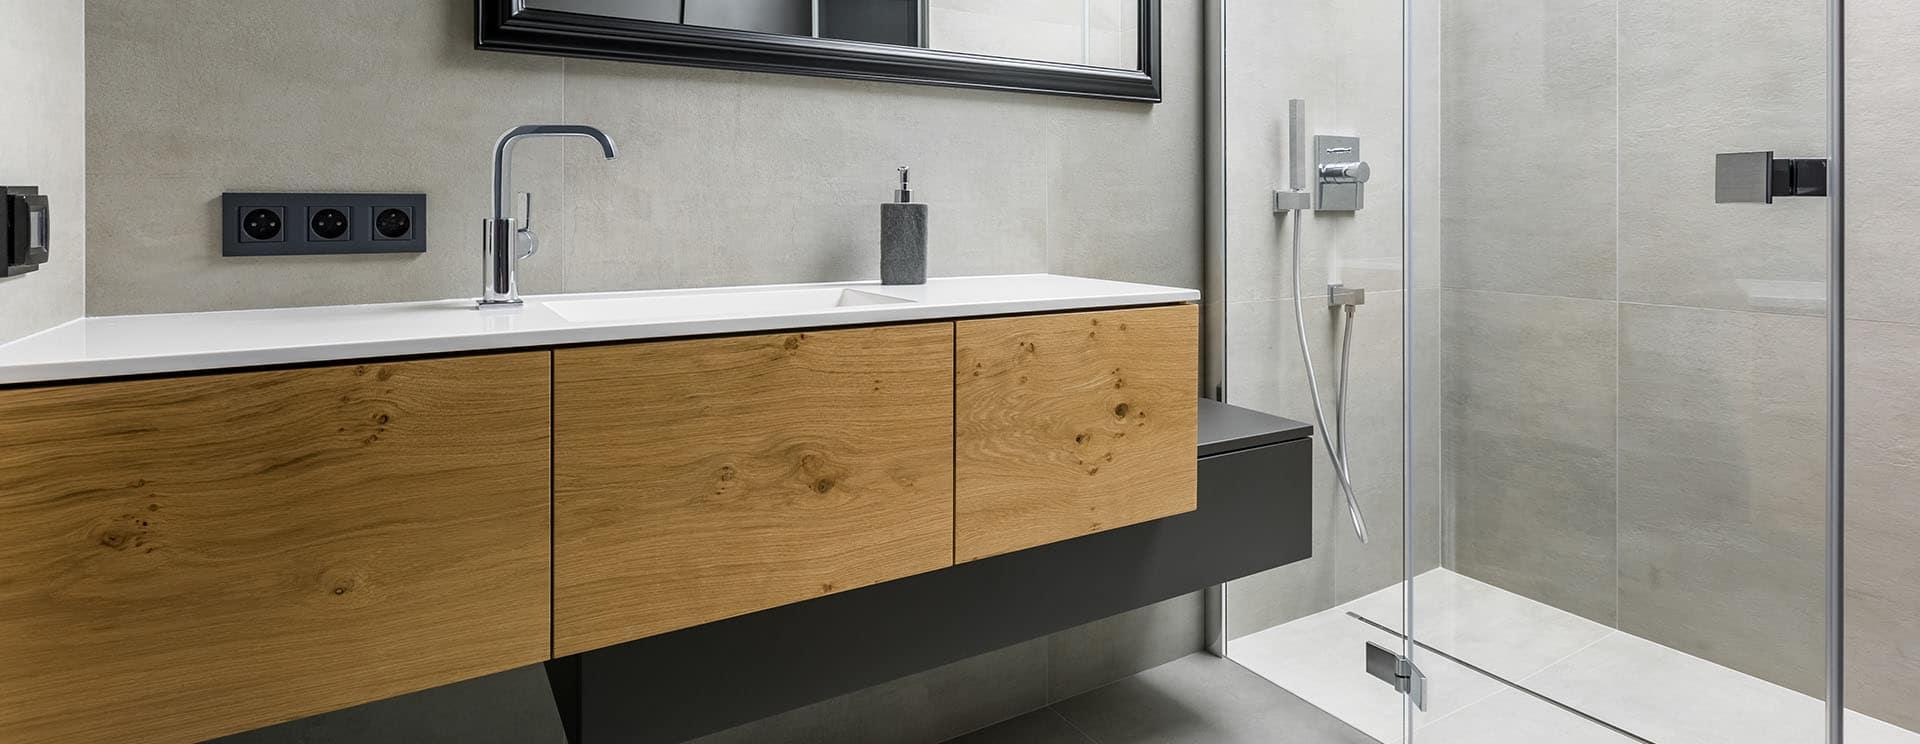 meble kęty łazienka